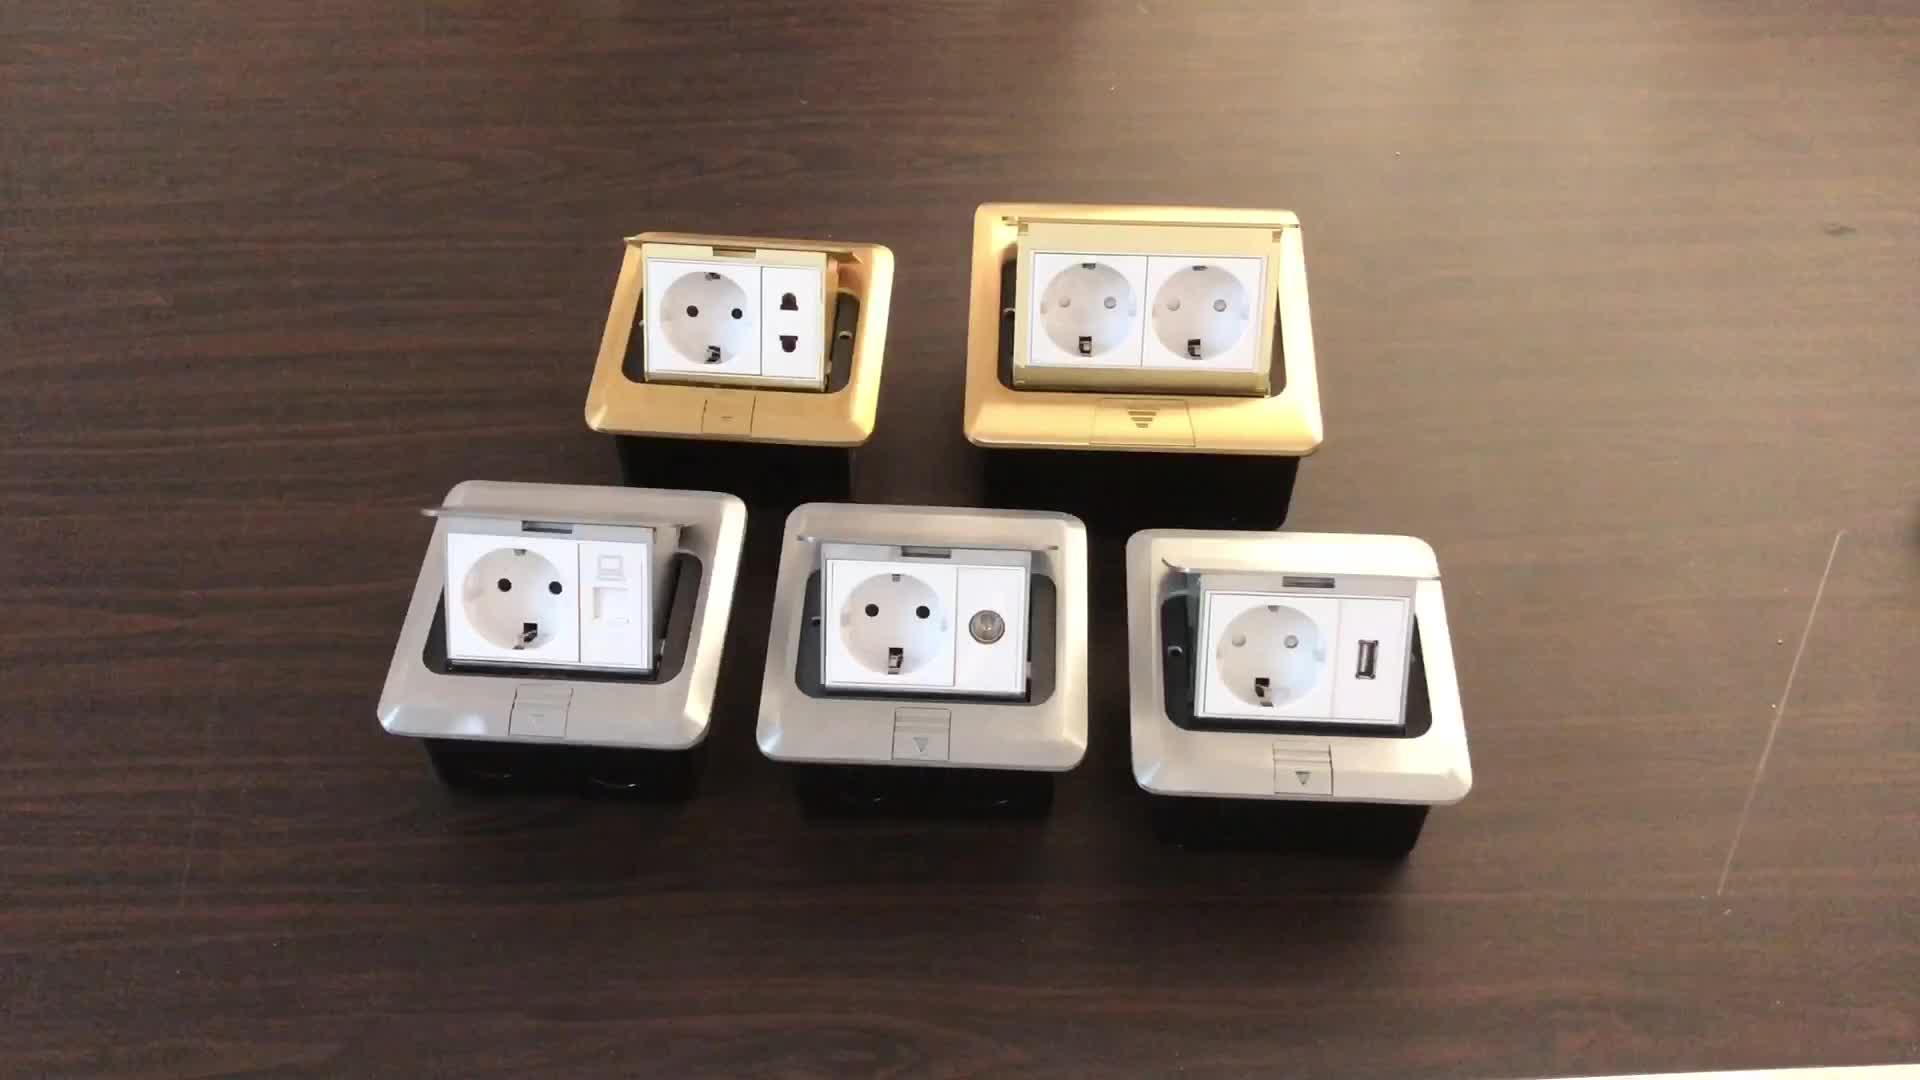 带盖板底盒 隐藏弹起式电脑欧标地板插座 铝合金网络德式地面插座